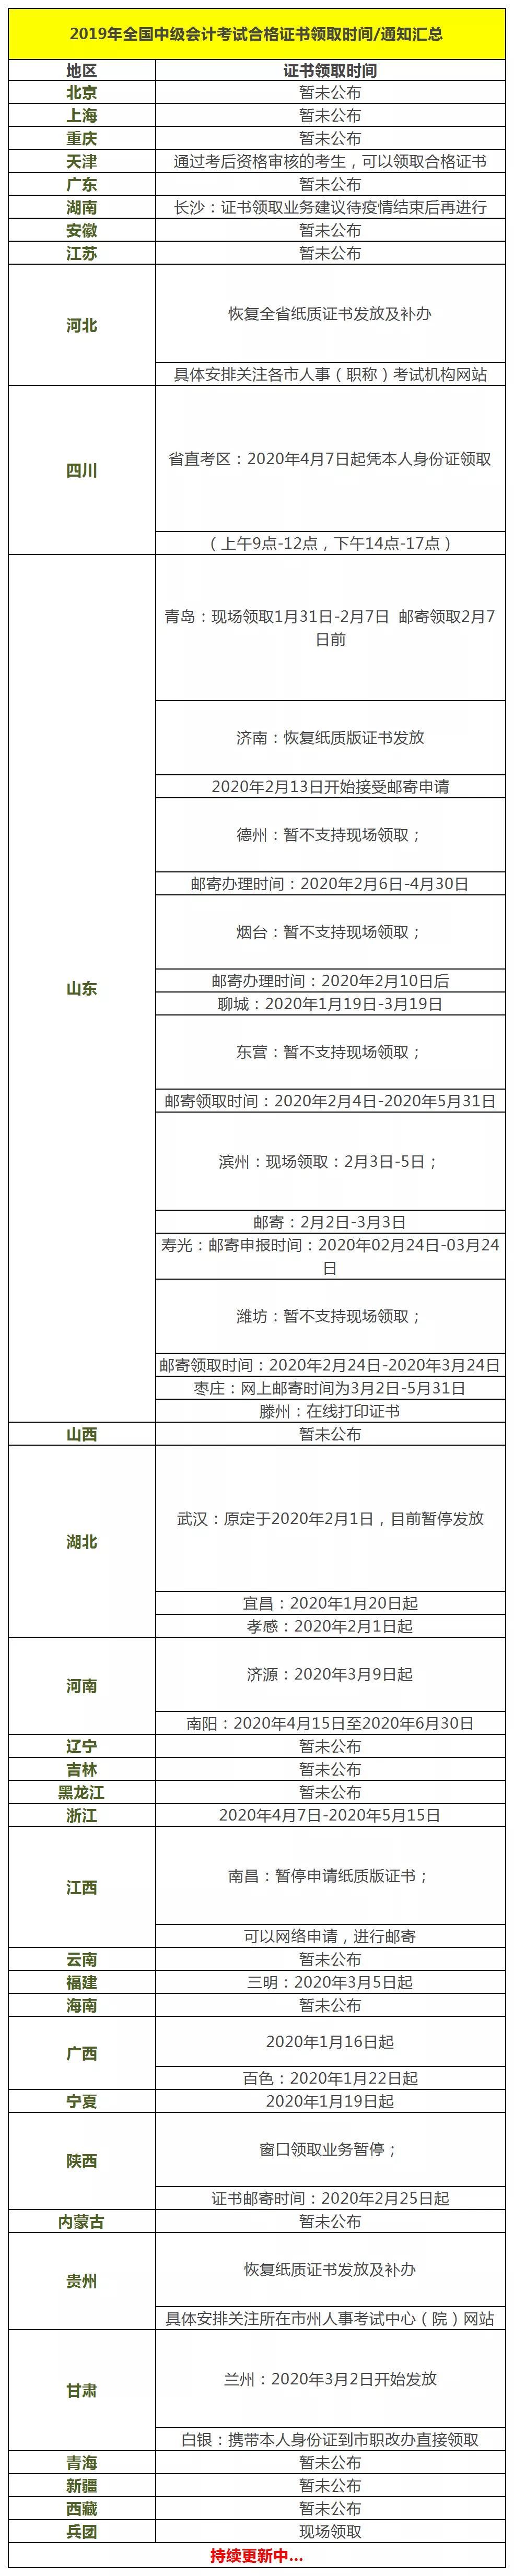 北京乐考网-2020年中级会计职称证书领取时间汇总,你领了吗?